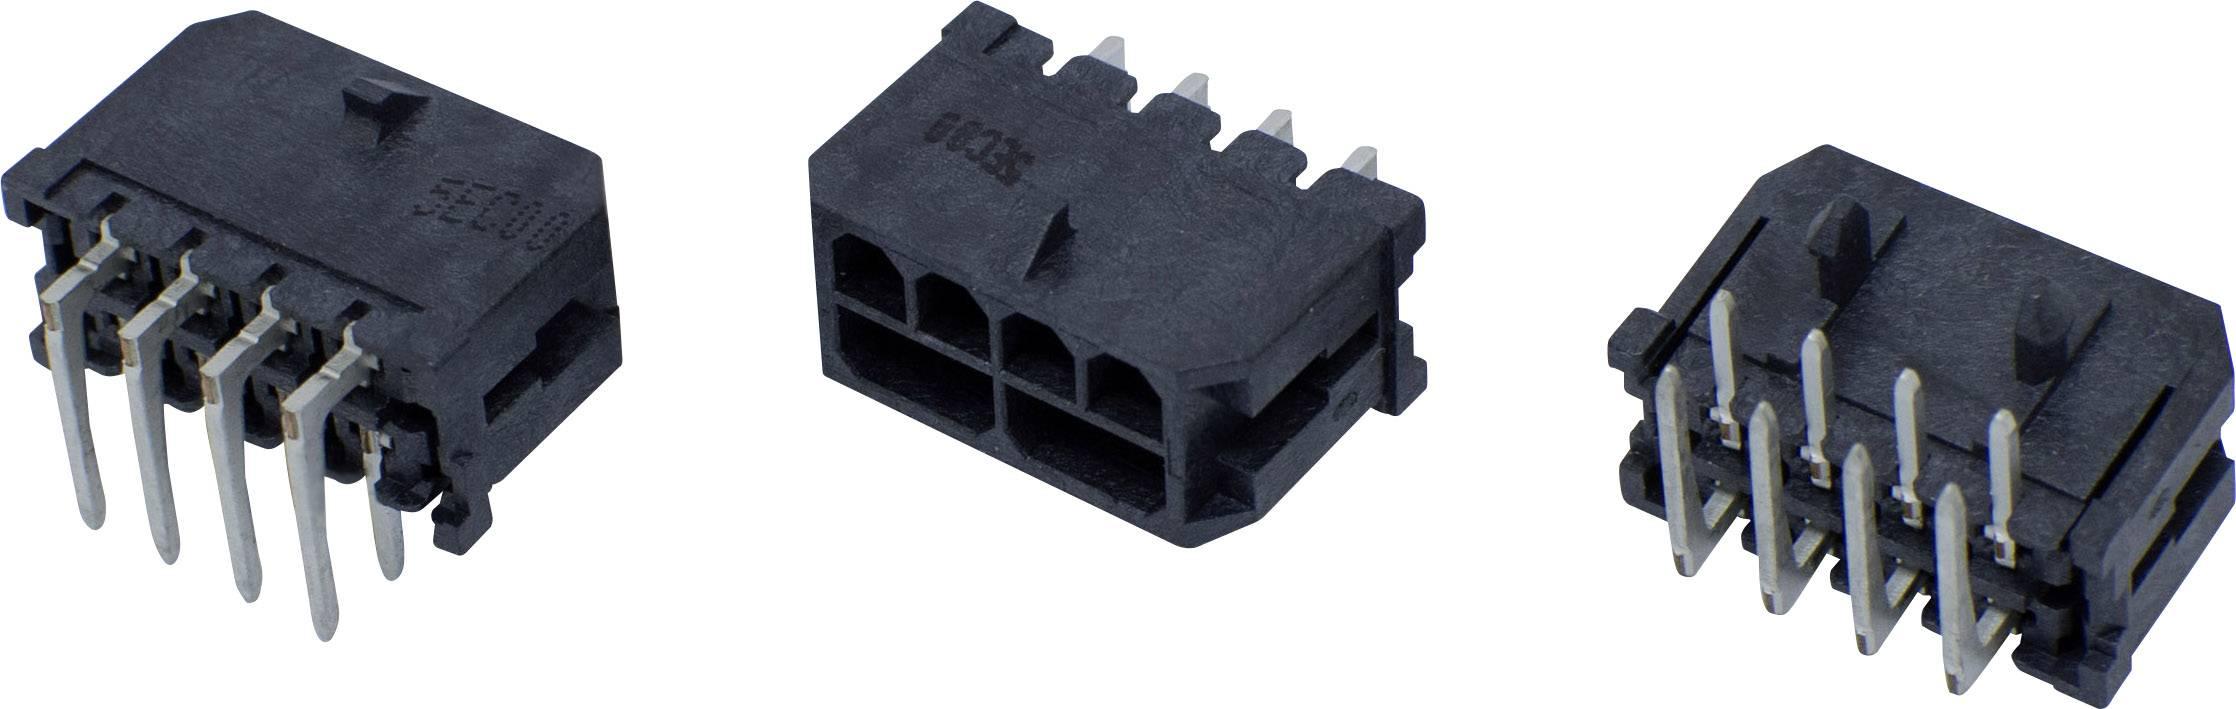 Pinová lišta (štandardná) BellWether 70095-0408, pólů 4, rozteč 3 mm, 1 ks